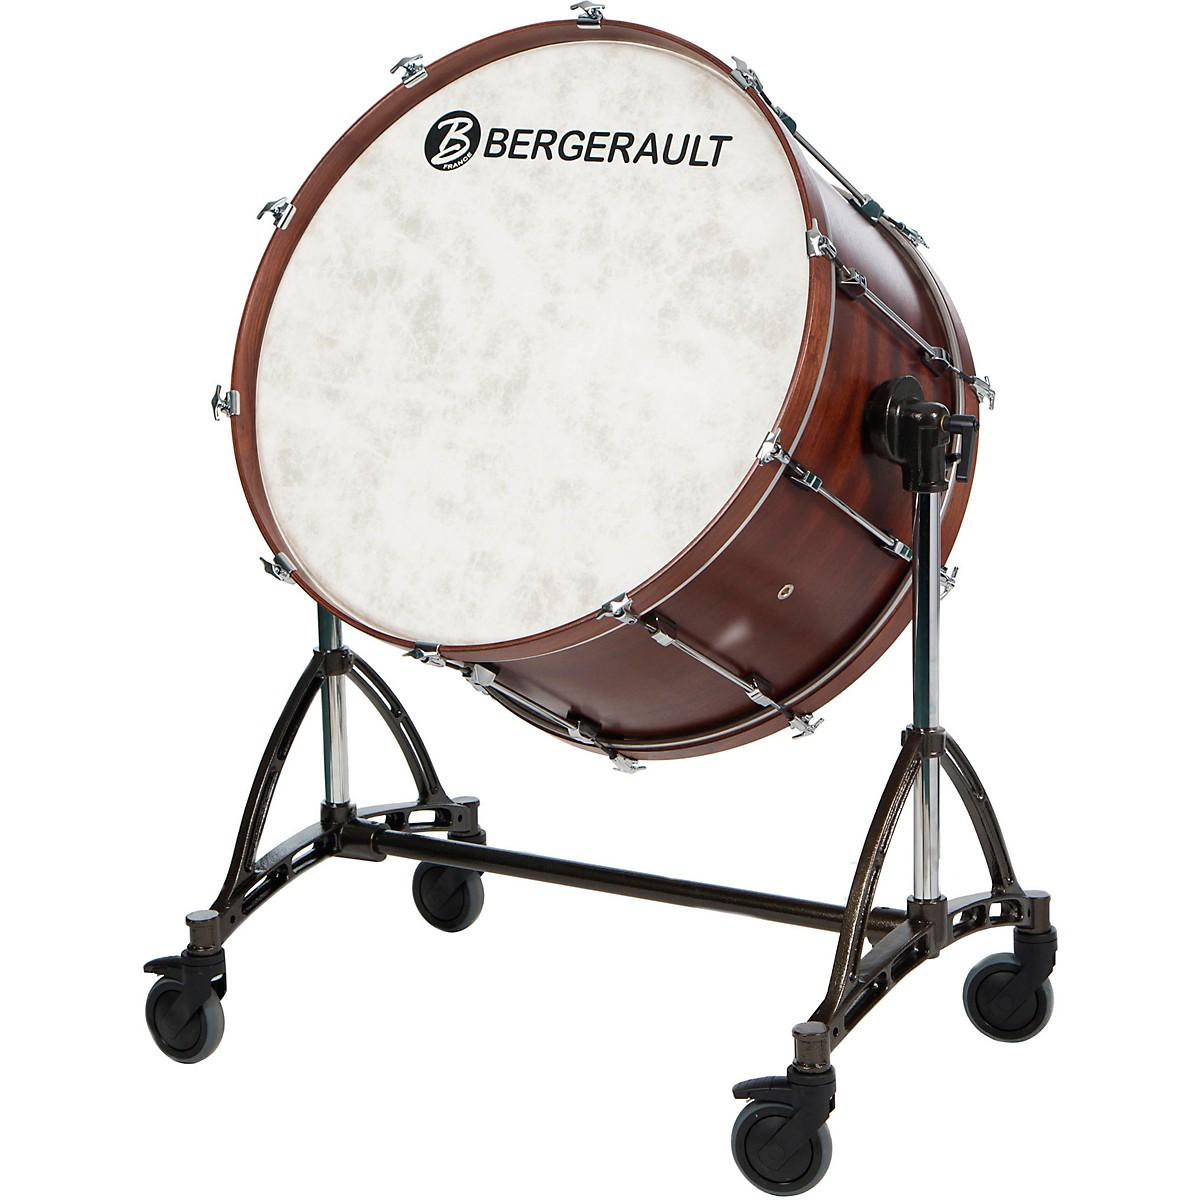 Bergerault Concert Bass Drum, 40x22